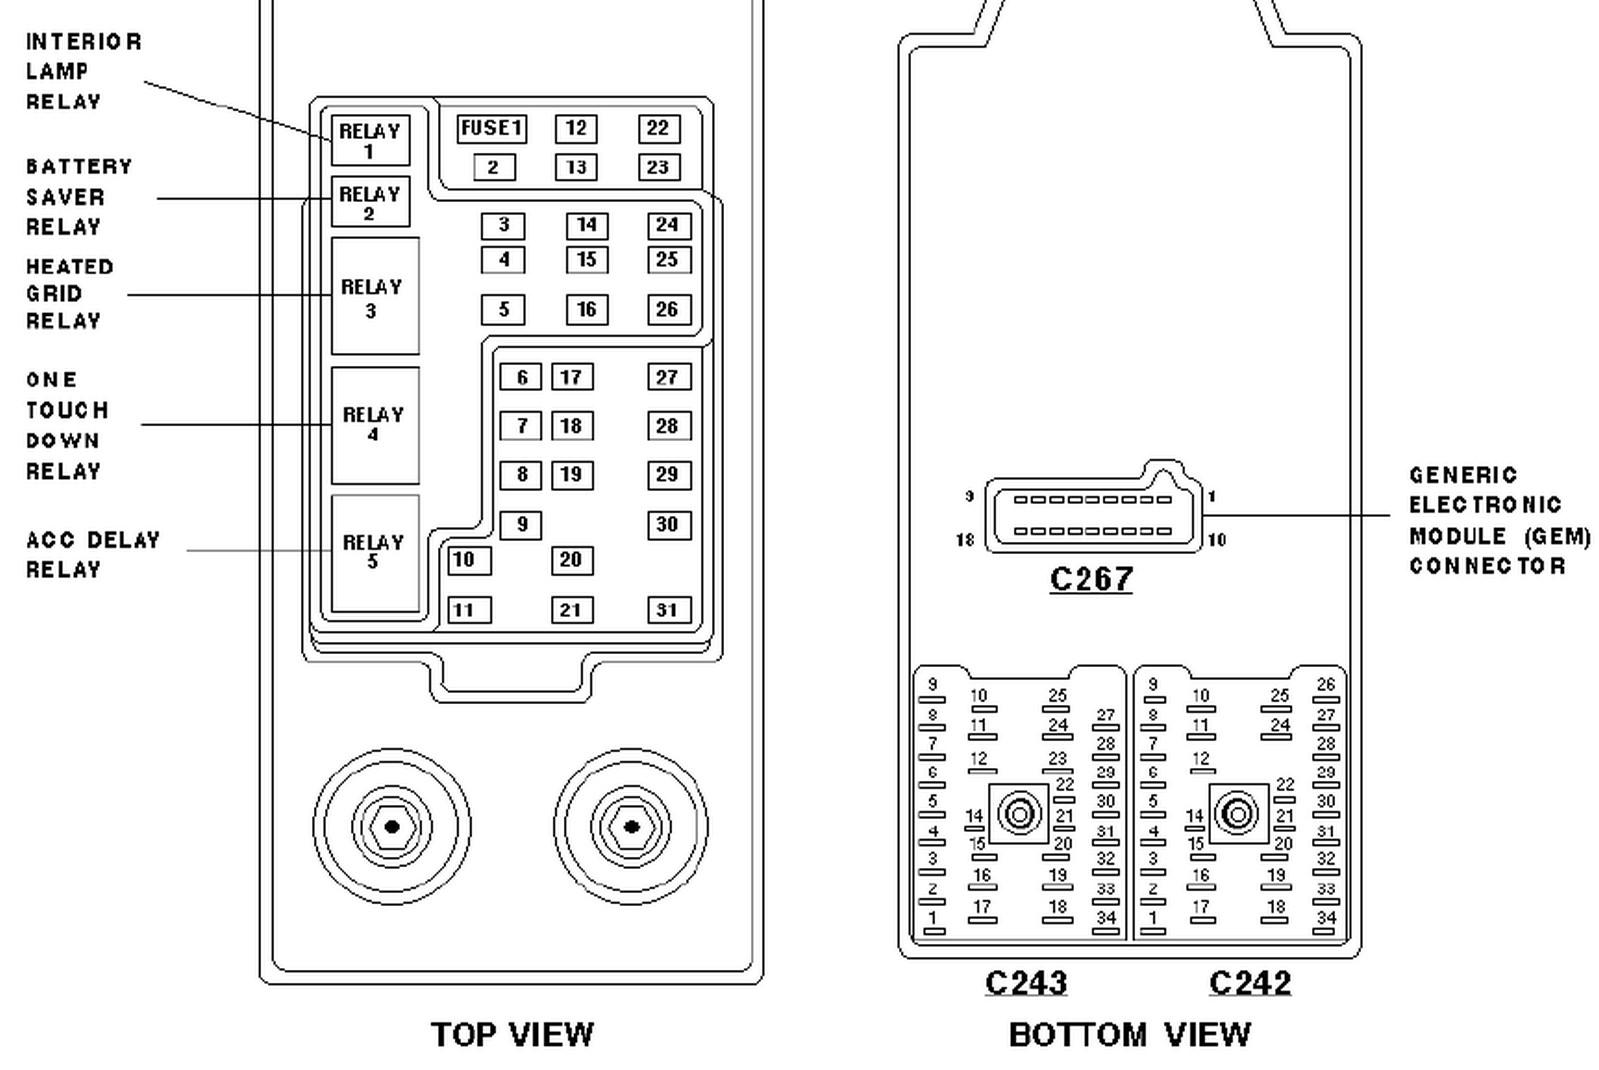 [ANLQ_8698]  DL_1160] 1997 Ford Expedition Wiring Diagram 1999 Ford F150 Expedition Radio | Abs Wiring Diagram 1999 Expedition |  | Barba Benkeme Mohammedshrine Librar Wiring 101